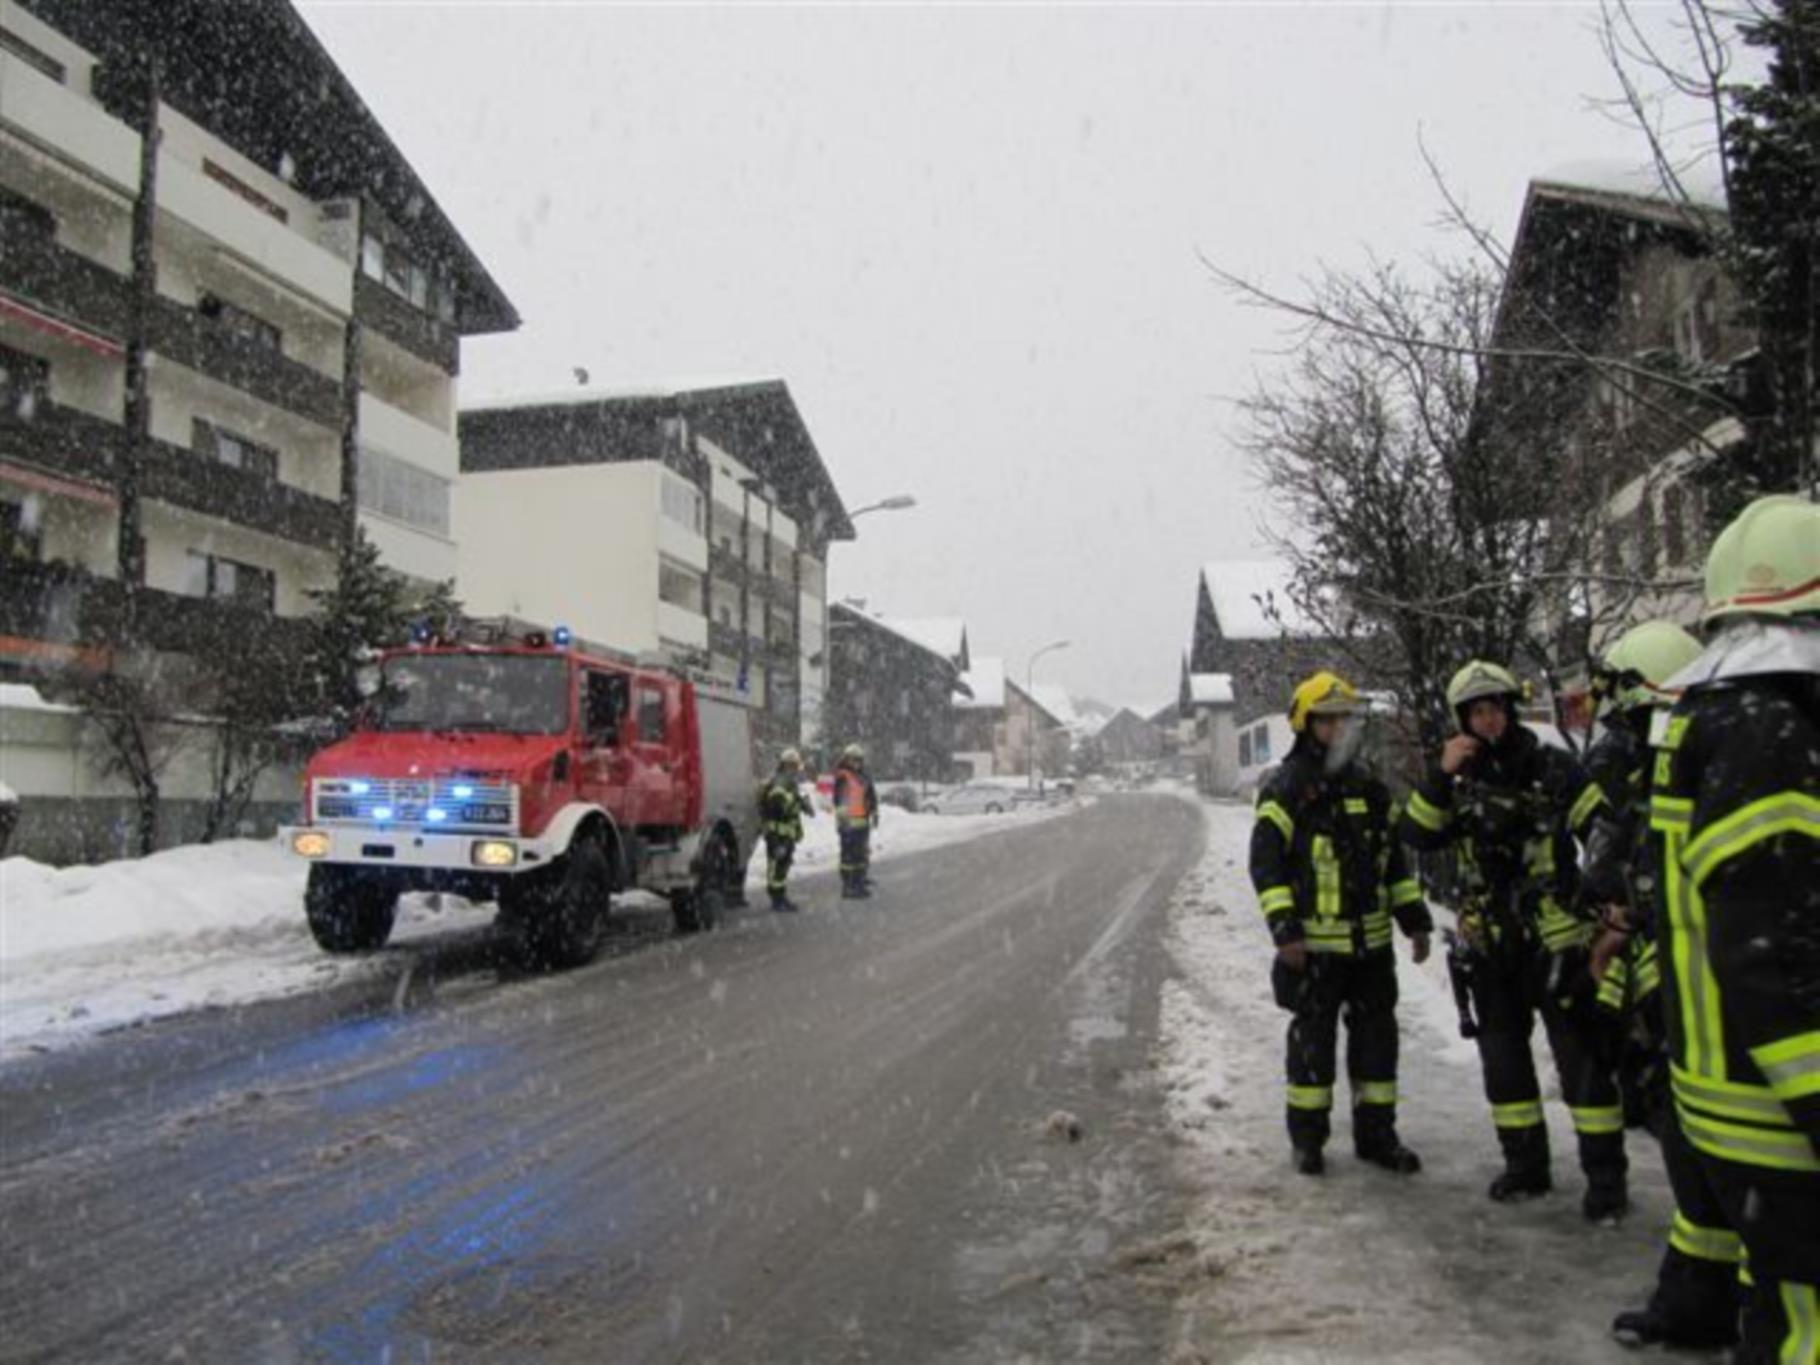 Dank dem schnellen Eintreffen der Feuerwehr konnte Schlimmes verhindert werden.